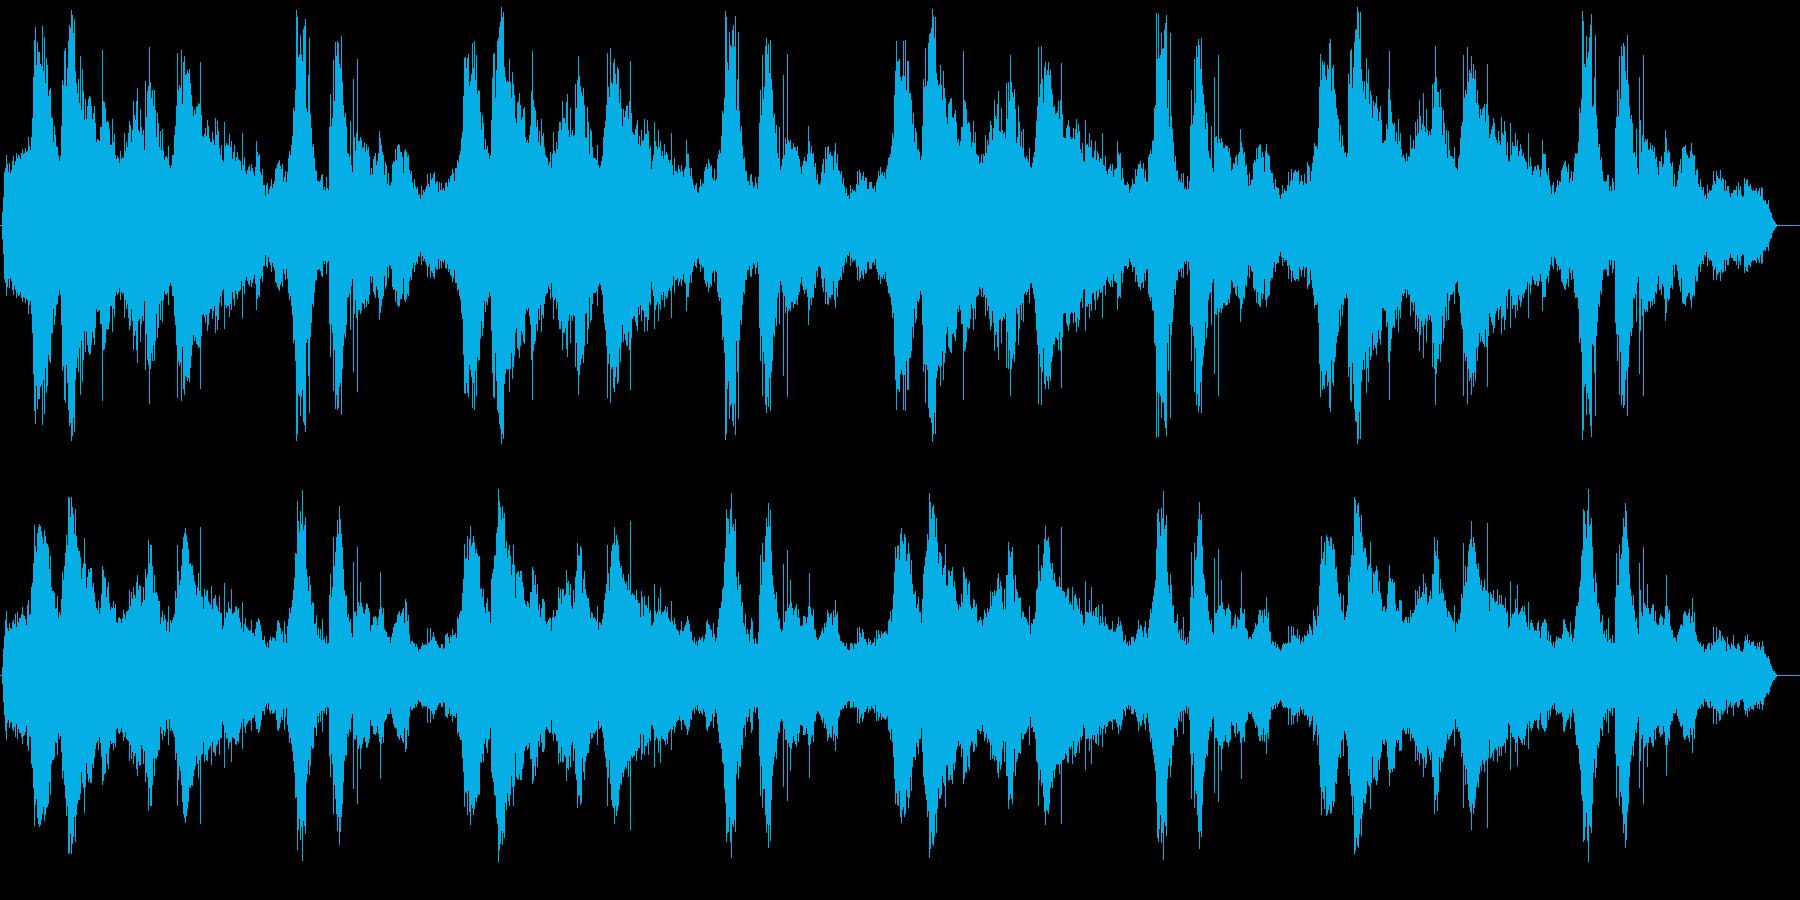 海の波の音を臨場感たっぷりに聞かせるこ…の再生済みの波形